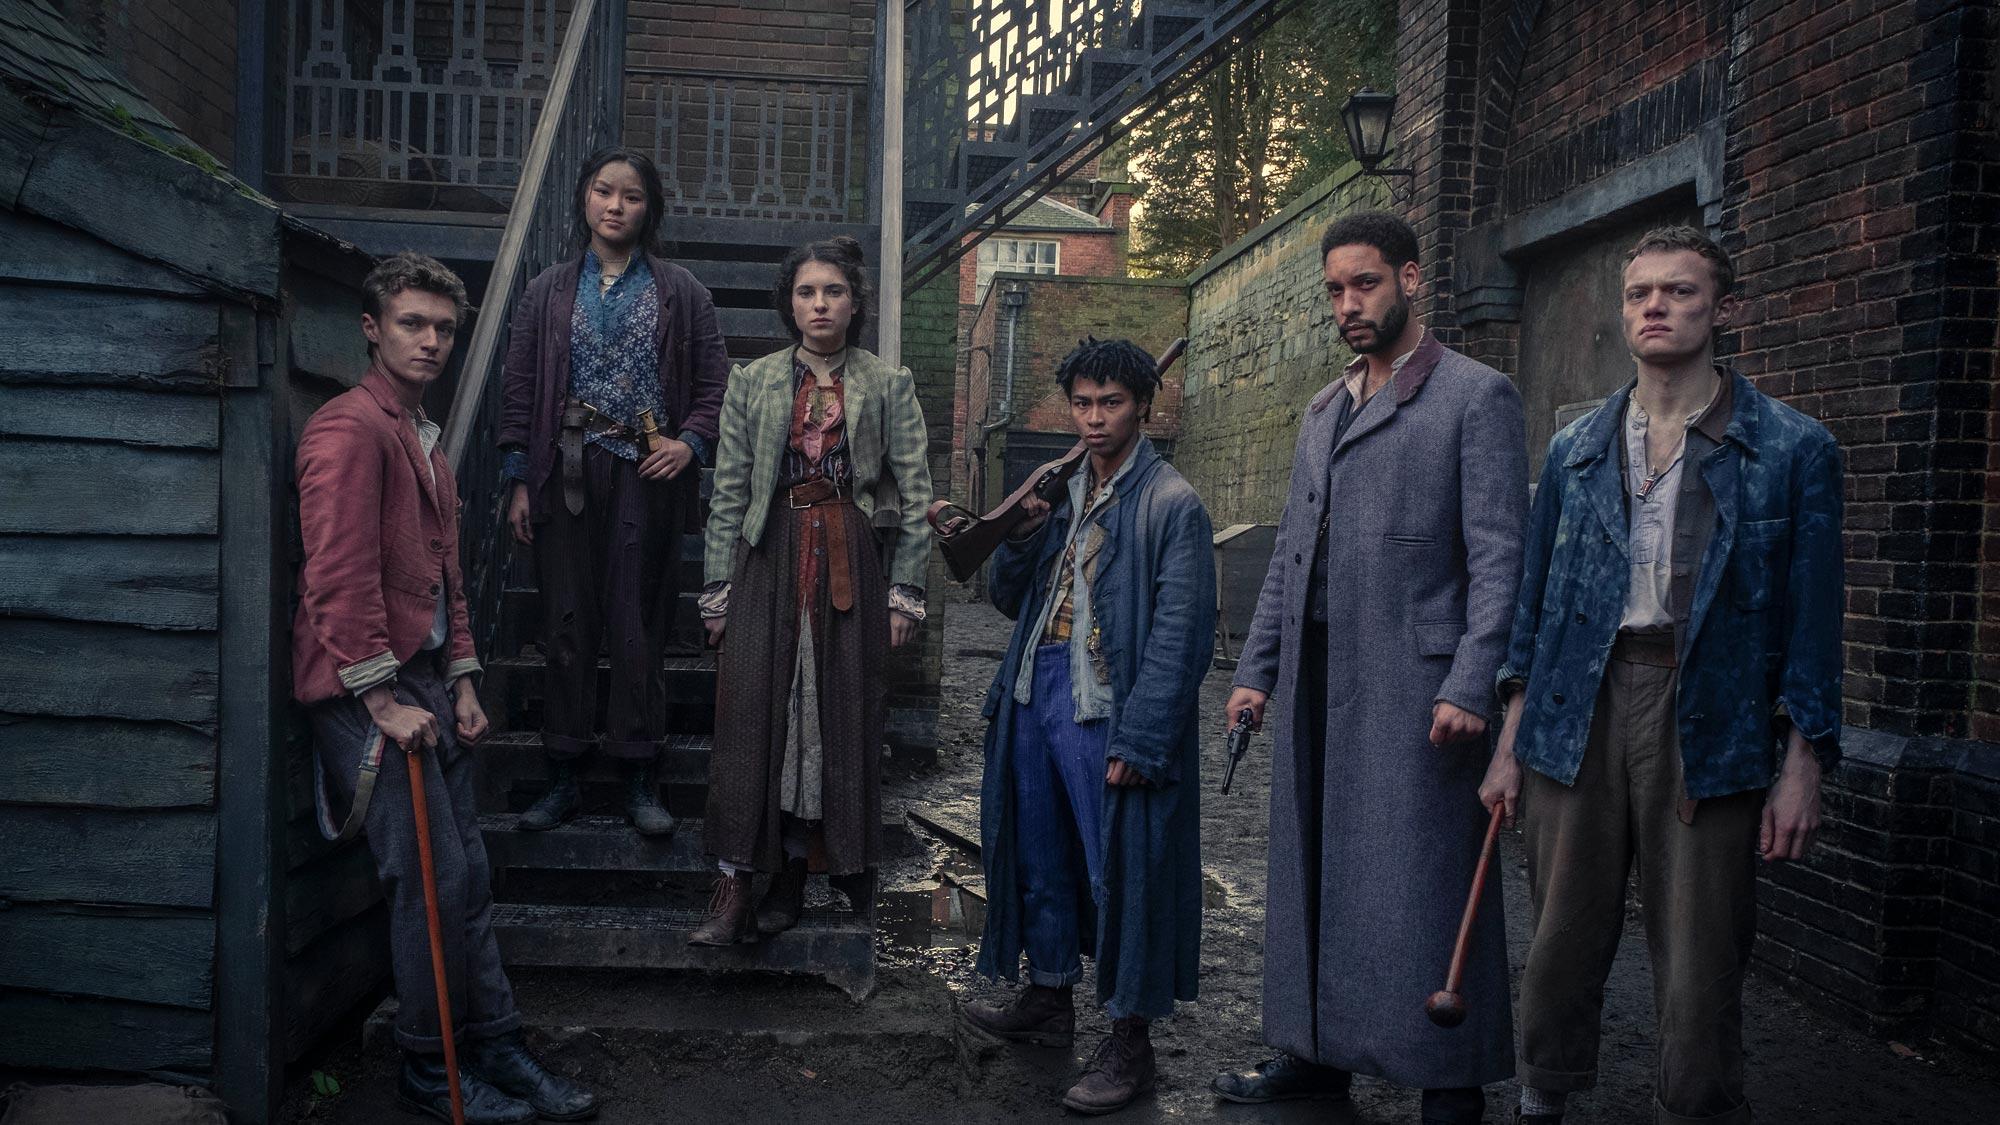 Canceled Netflix show: The Irregulars